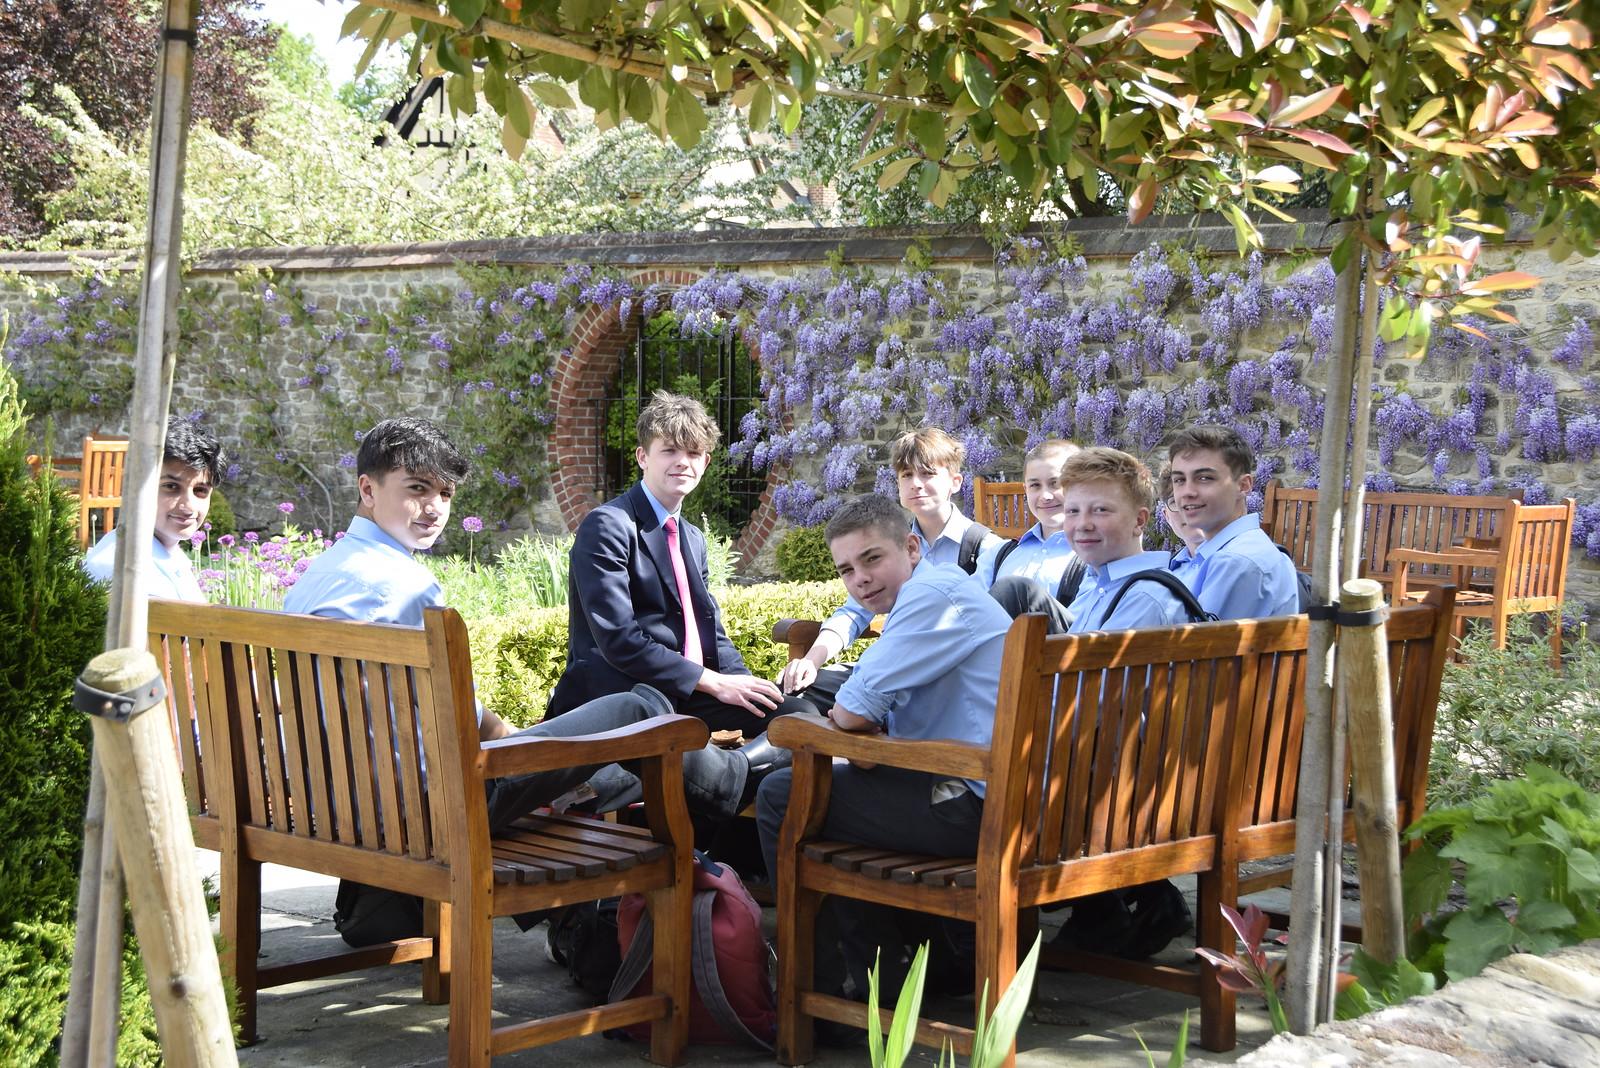 Abingdon School pupils in garden